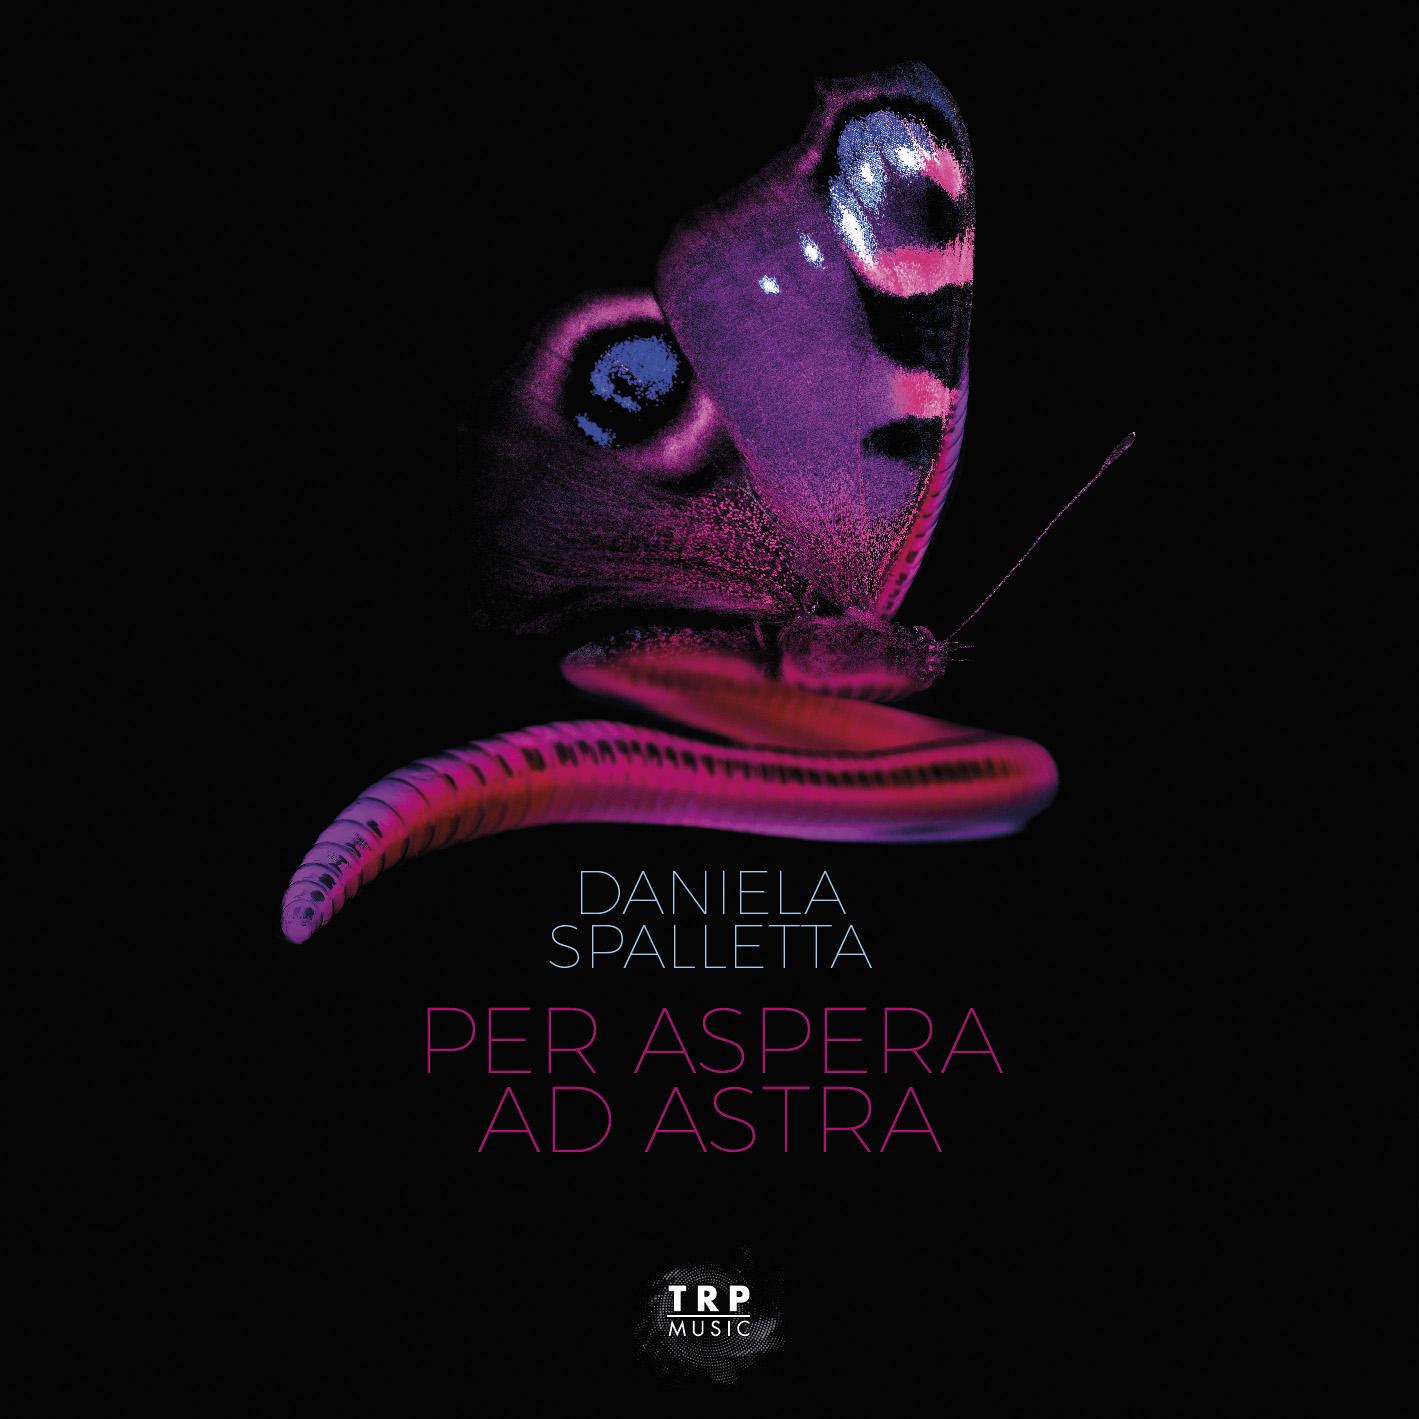 Daniela Spalletta PER ASPERA AD ASTRA